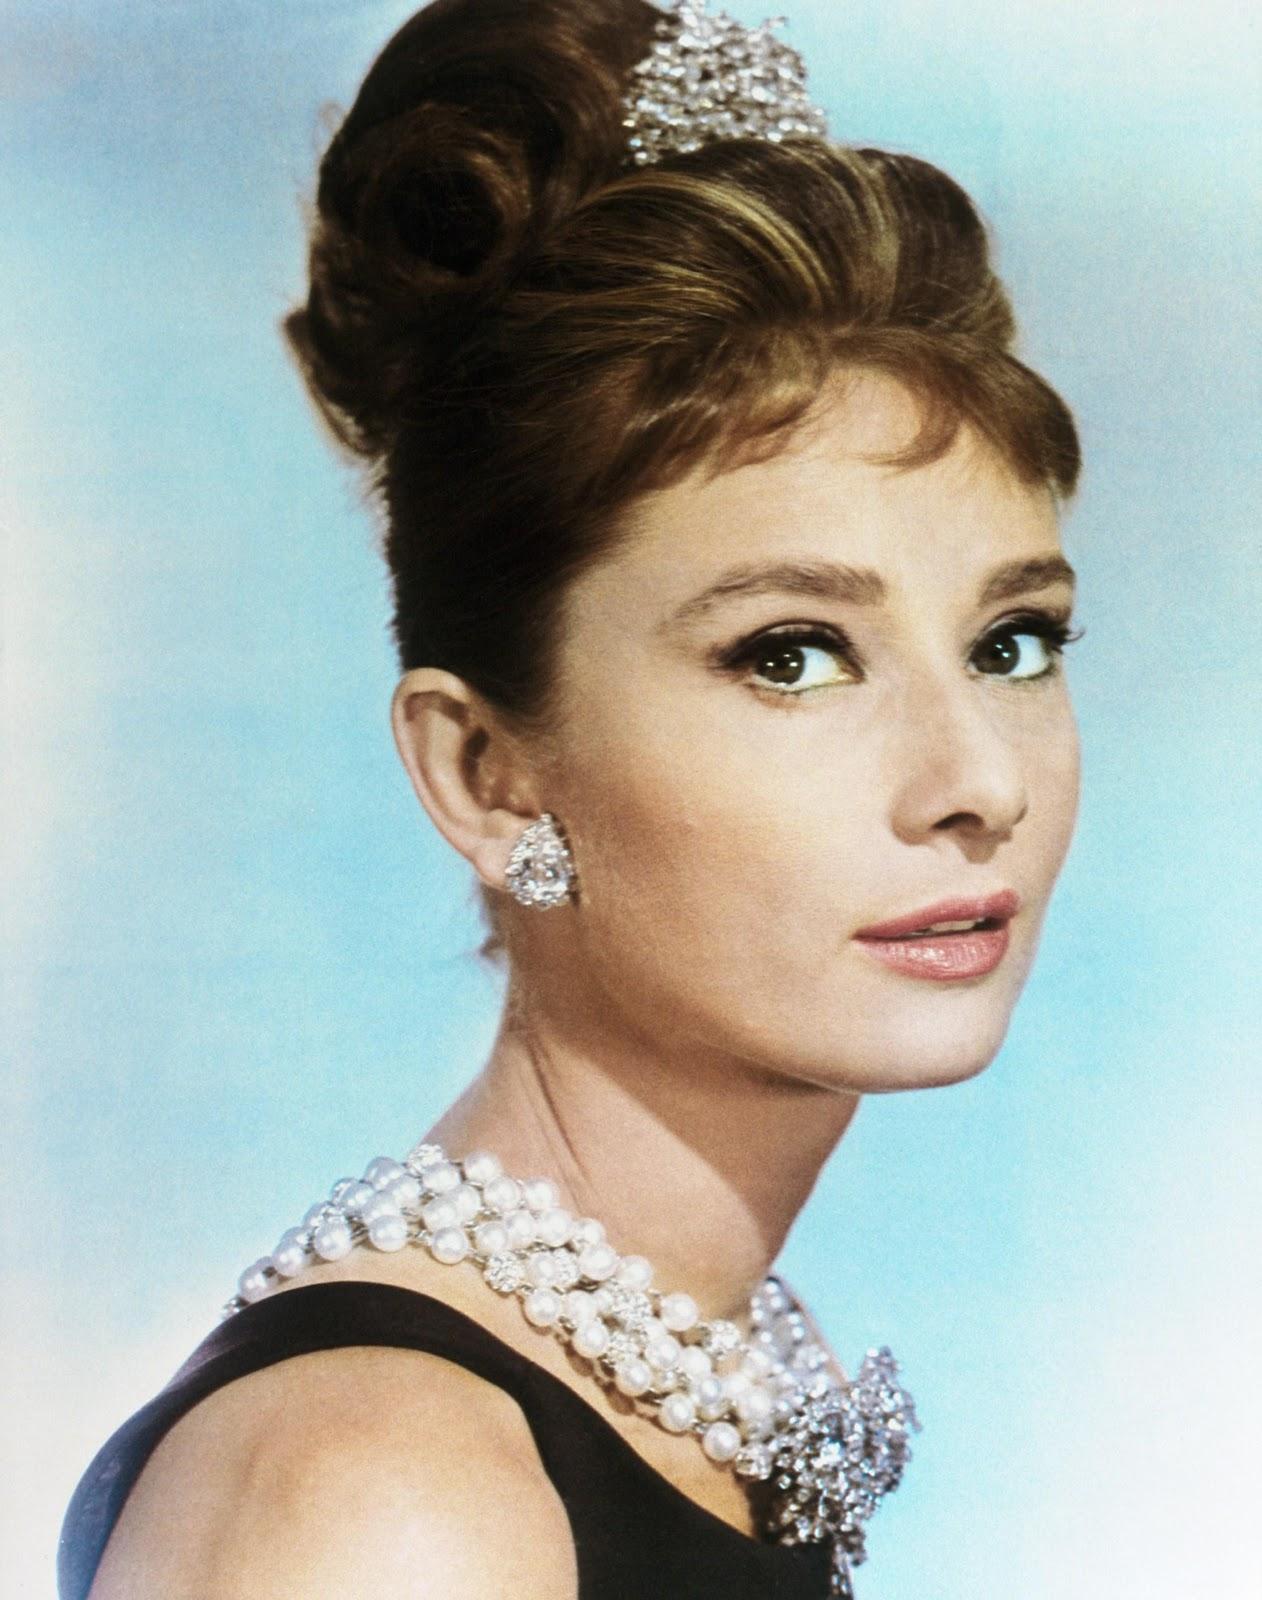 e4d6a34ee56 Breakfast at Tiffany's, Audrey Hepburn 1960s Makeup